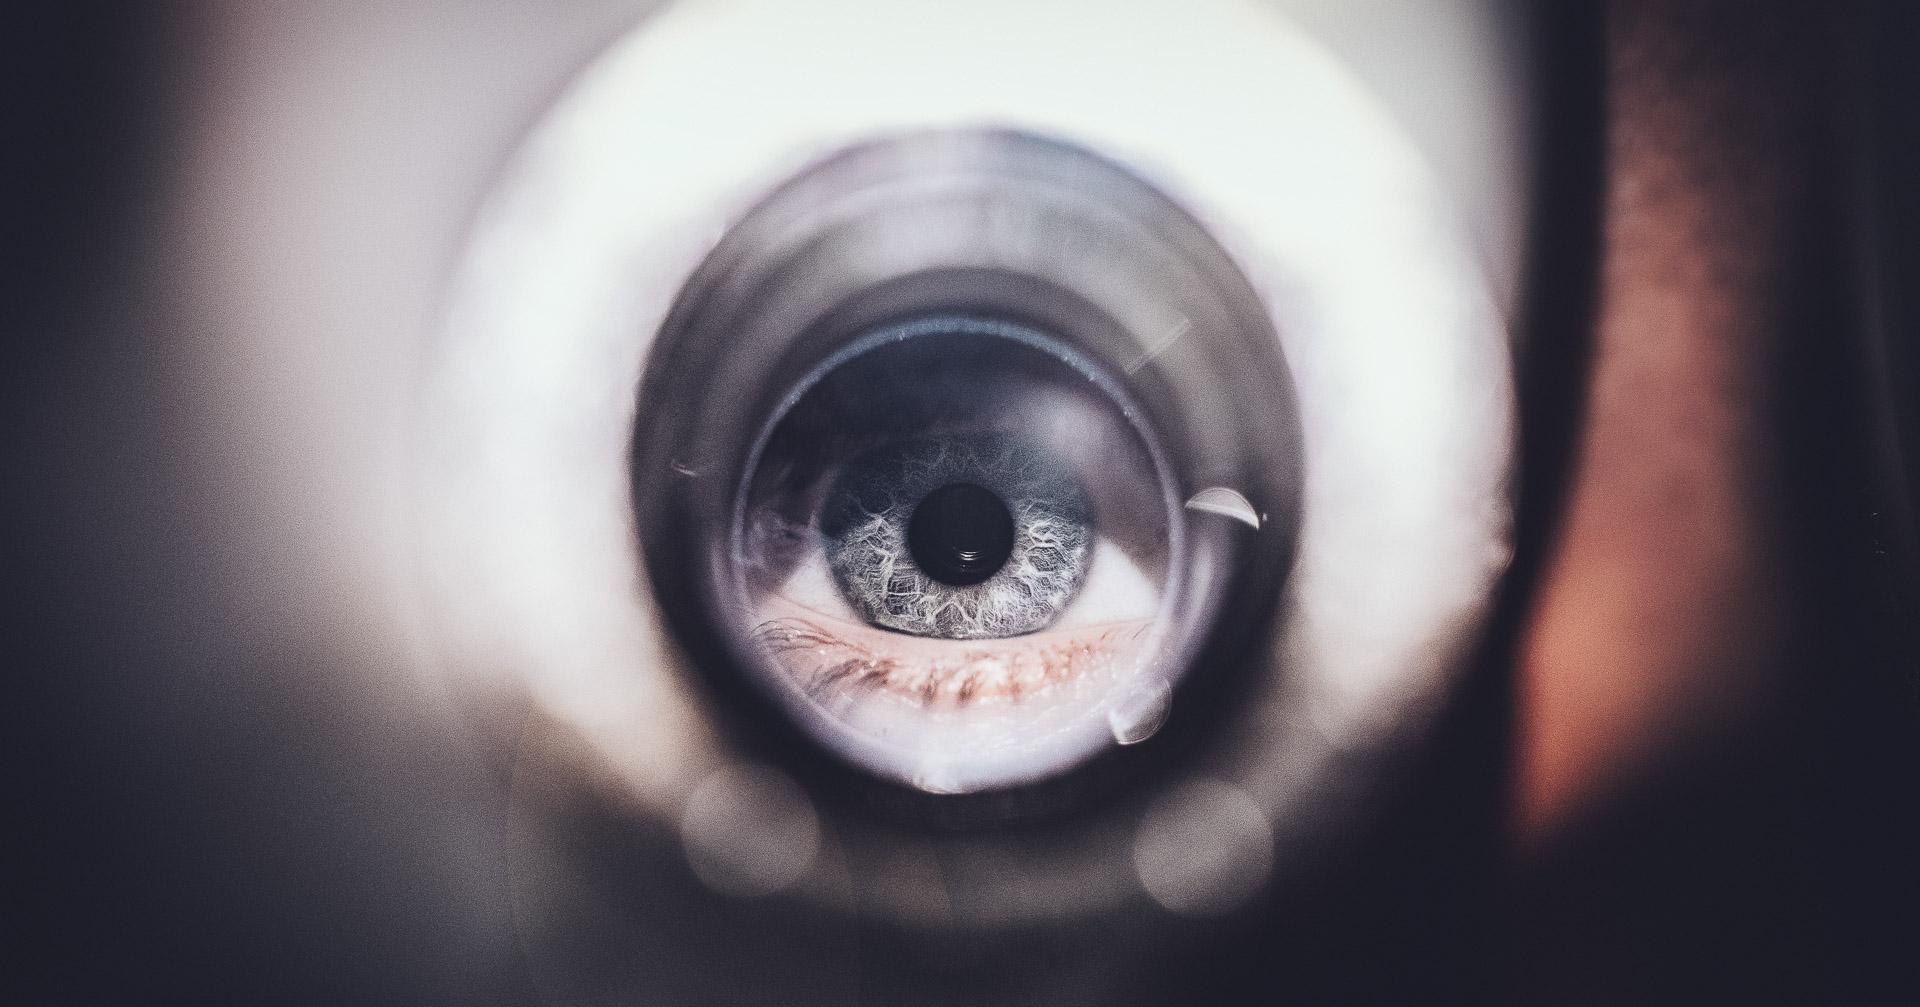 Photographe professionnel corporate à Bordeaux - Opticien